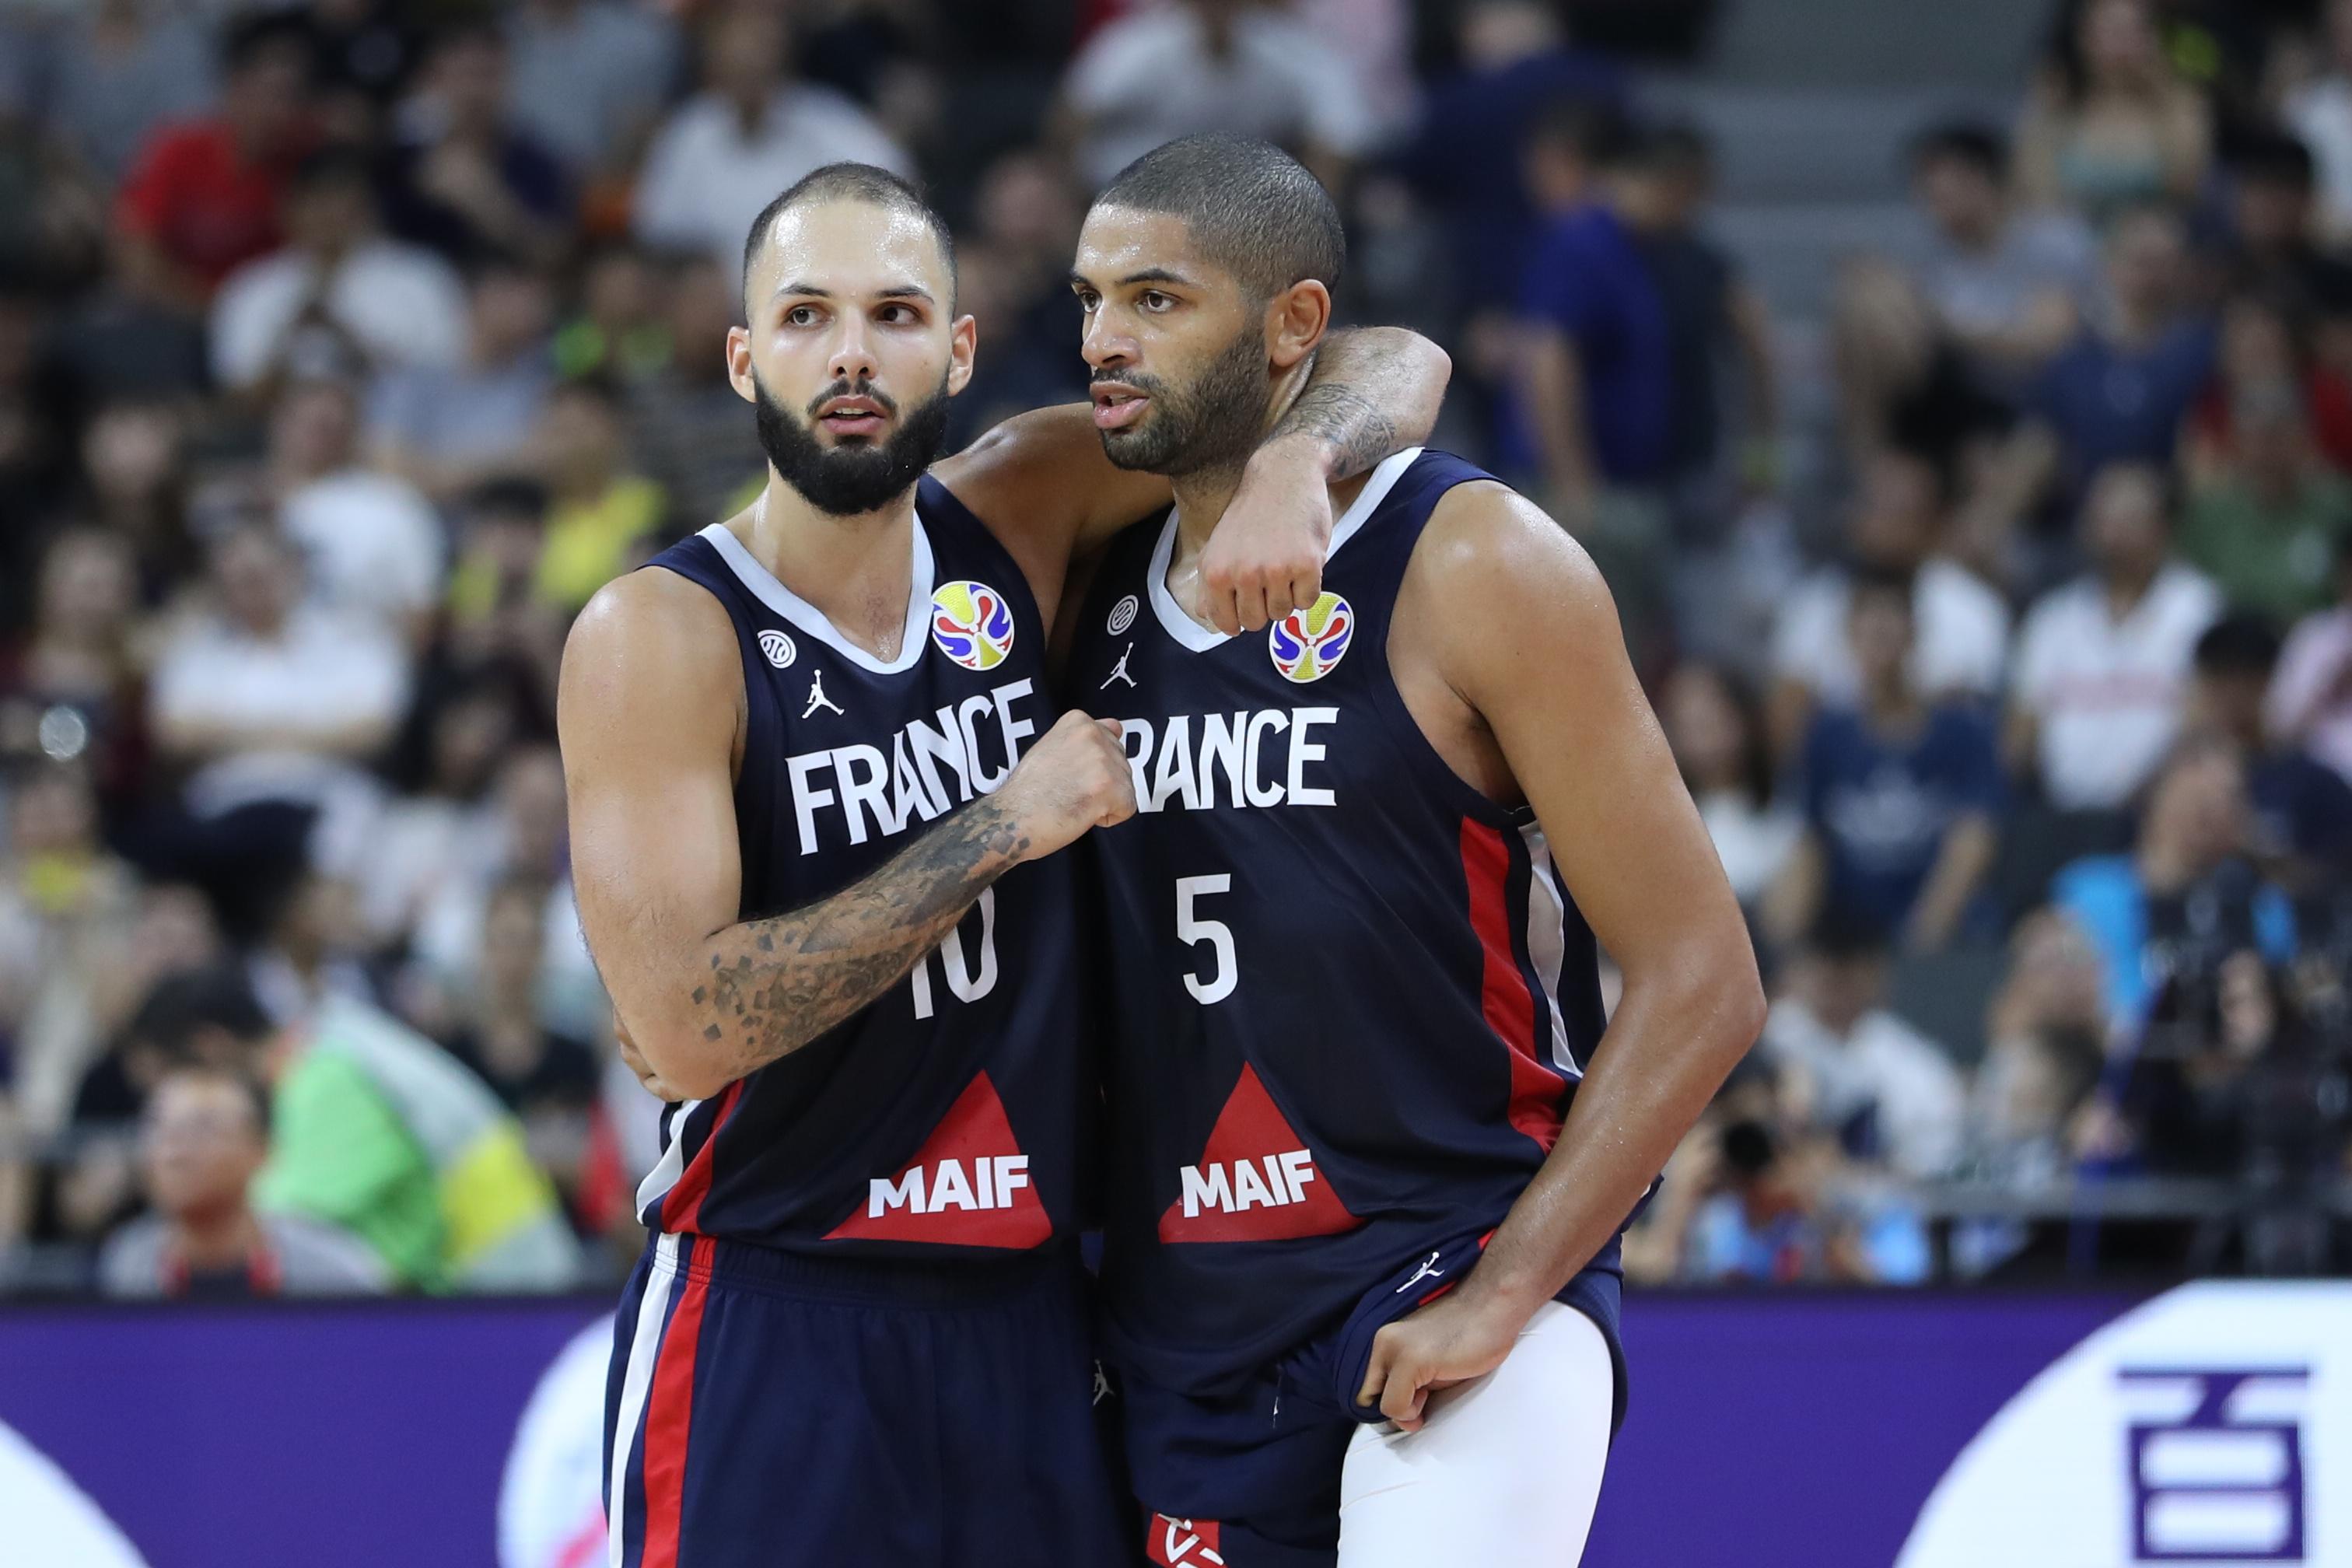 Basket - Equipe de France - Les clés du succès historique des Bleus face à l'ogre américain